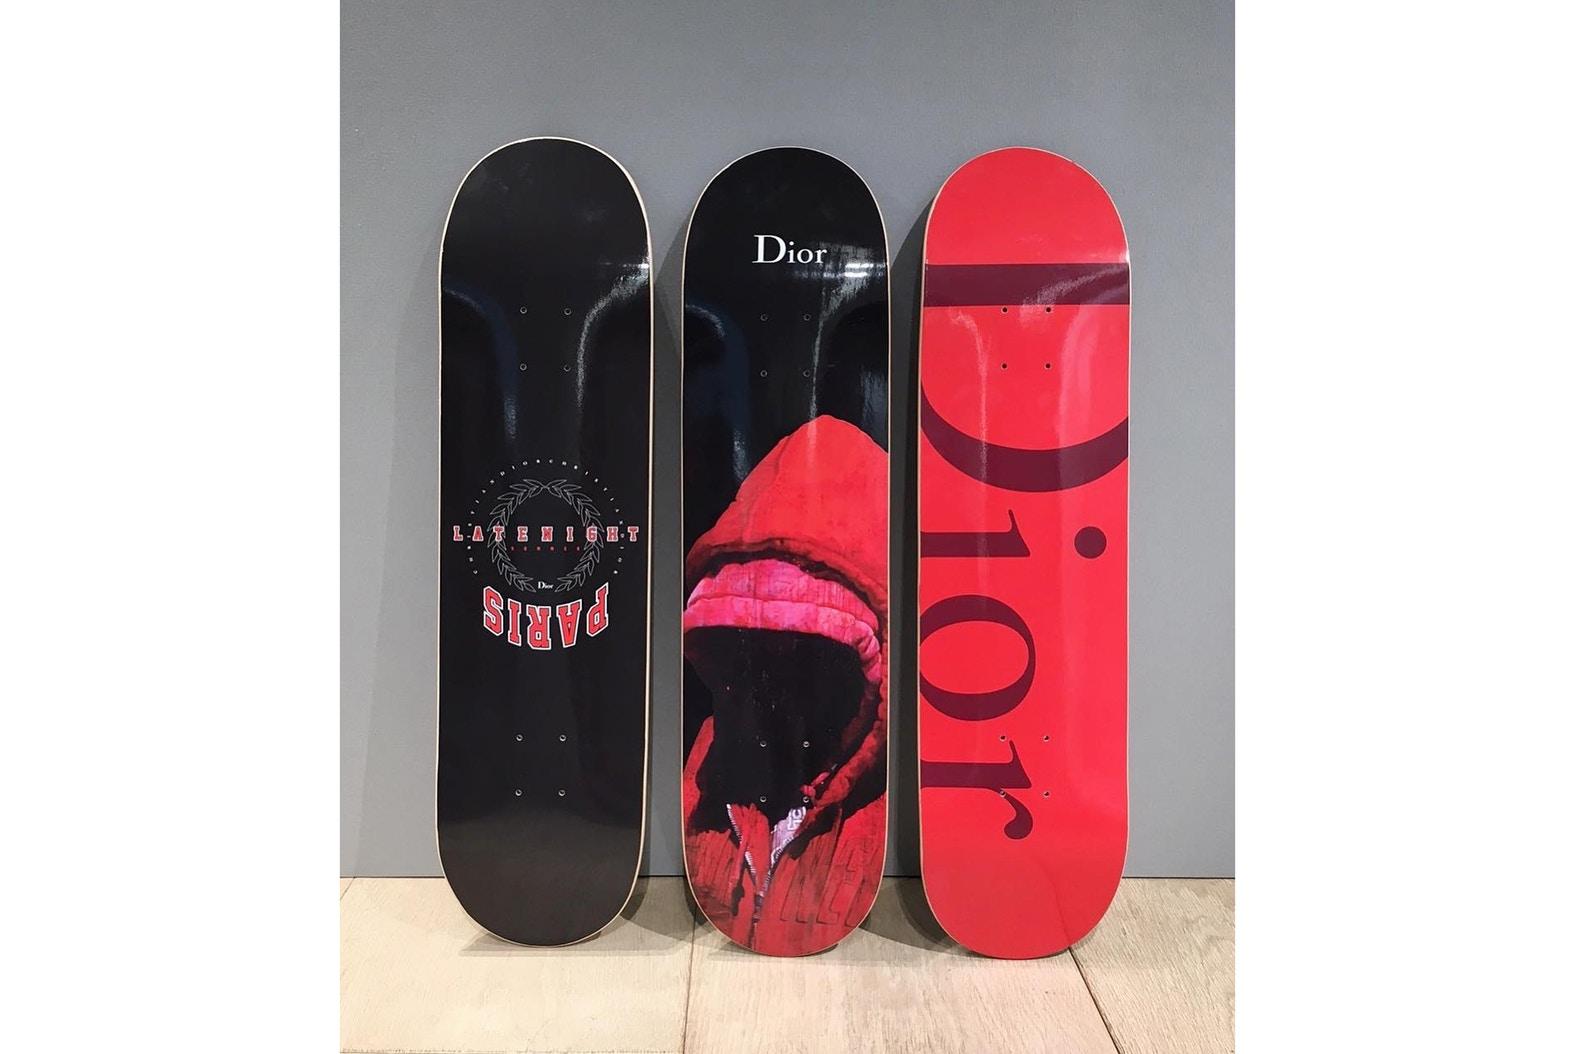 Les nouveaux Skateboards de Dior dévoilés par Kris Van Assche